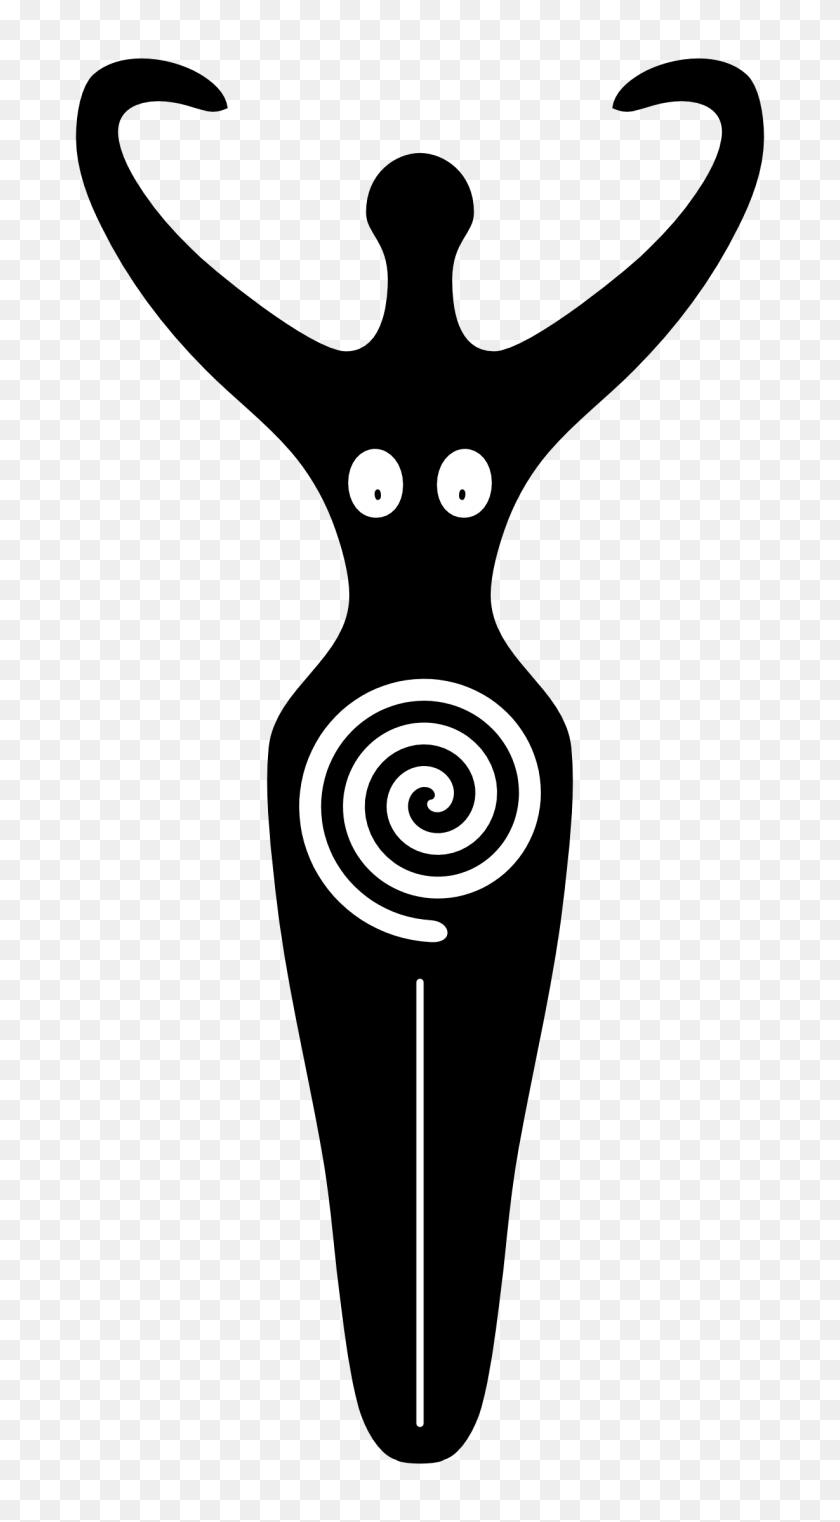 Art Pagan Symbols, Goddess Symbols, Symbols - Pagan Clipart